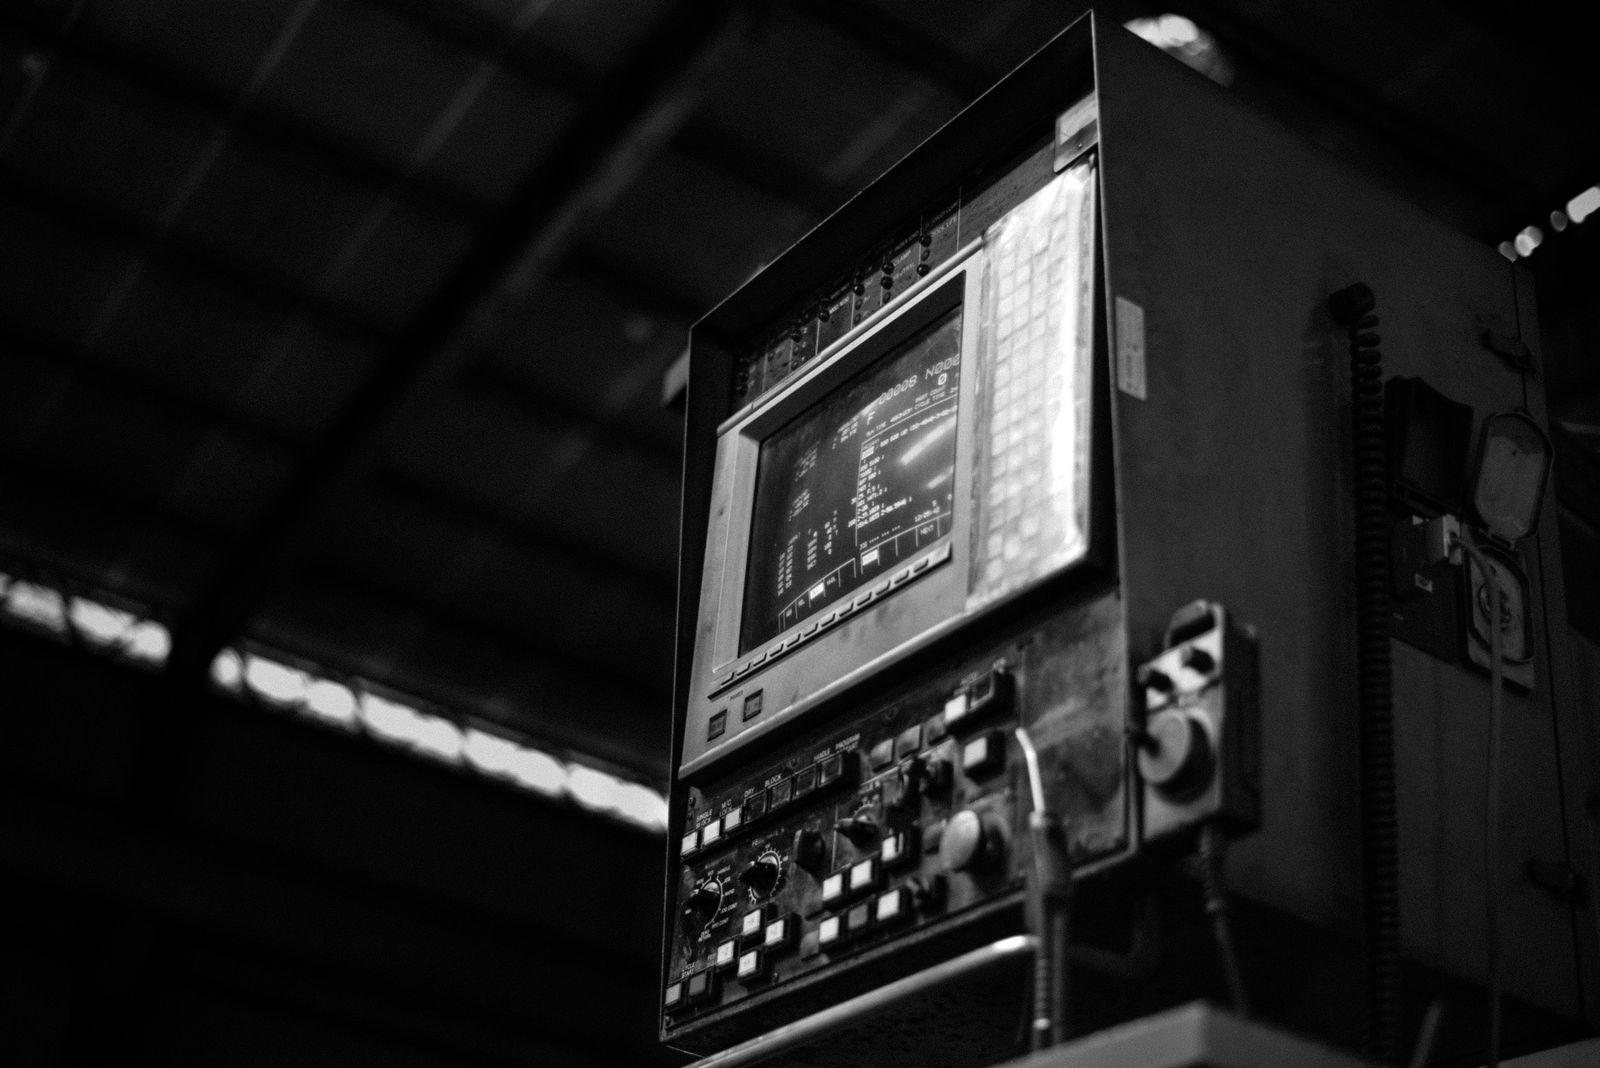 工廠設備情境照